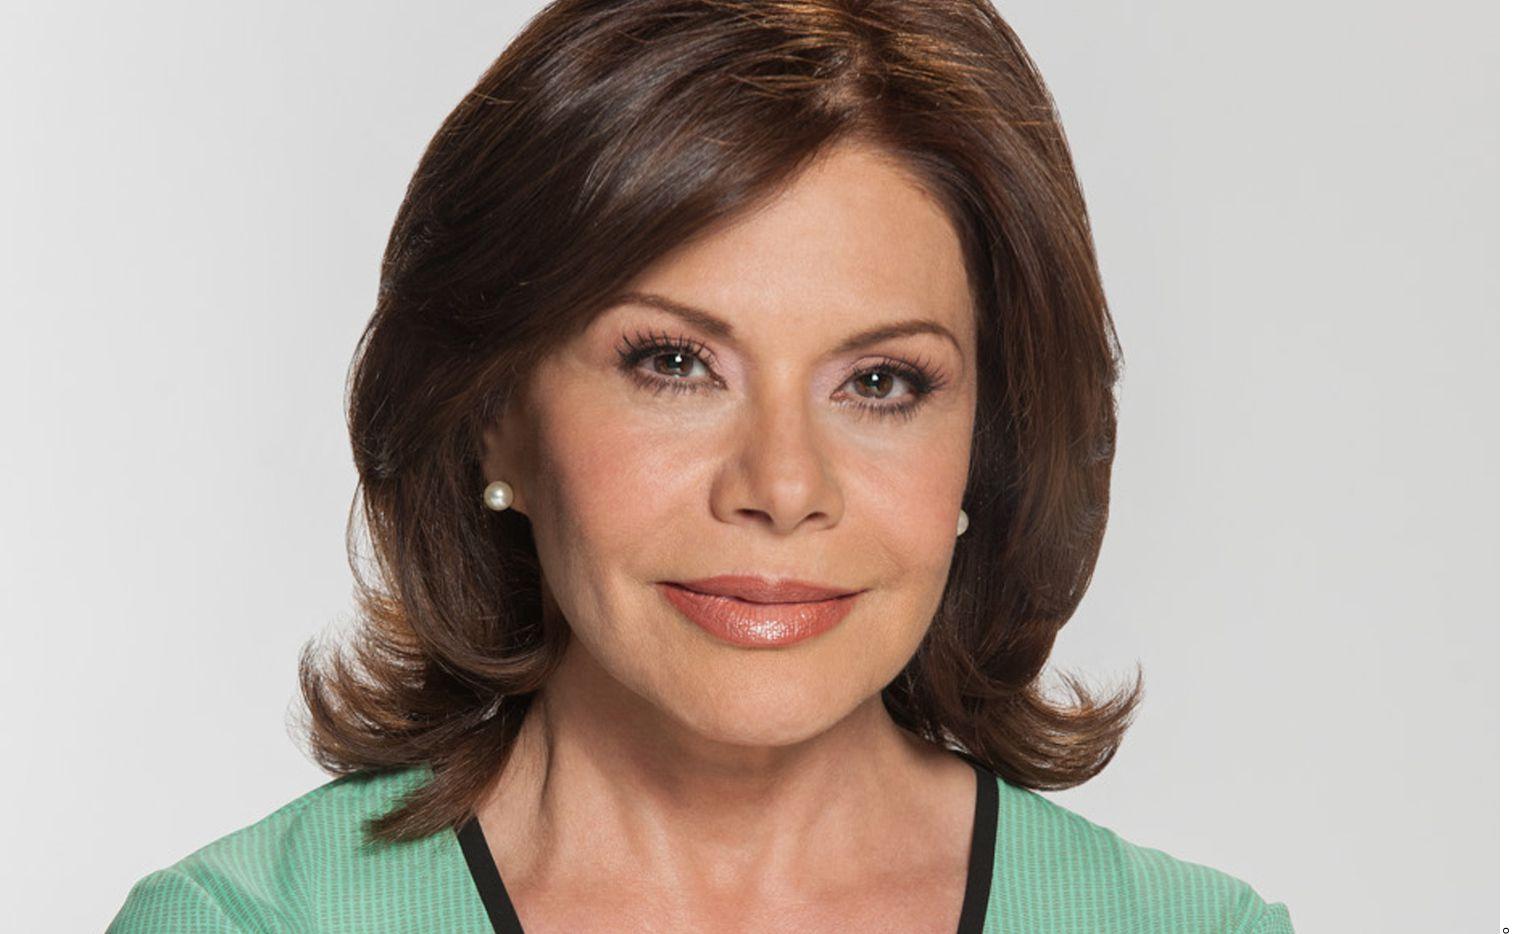 La actriz mexicana María Sorté agradeció el apoyo tras el atentado contra su hijo.